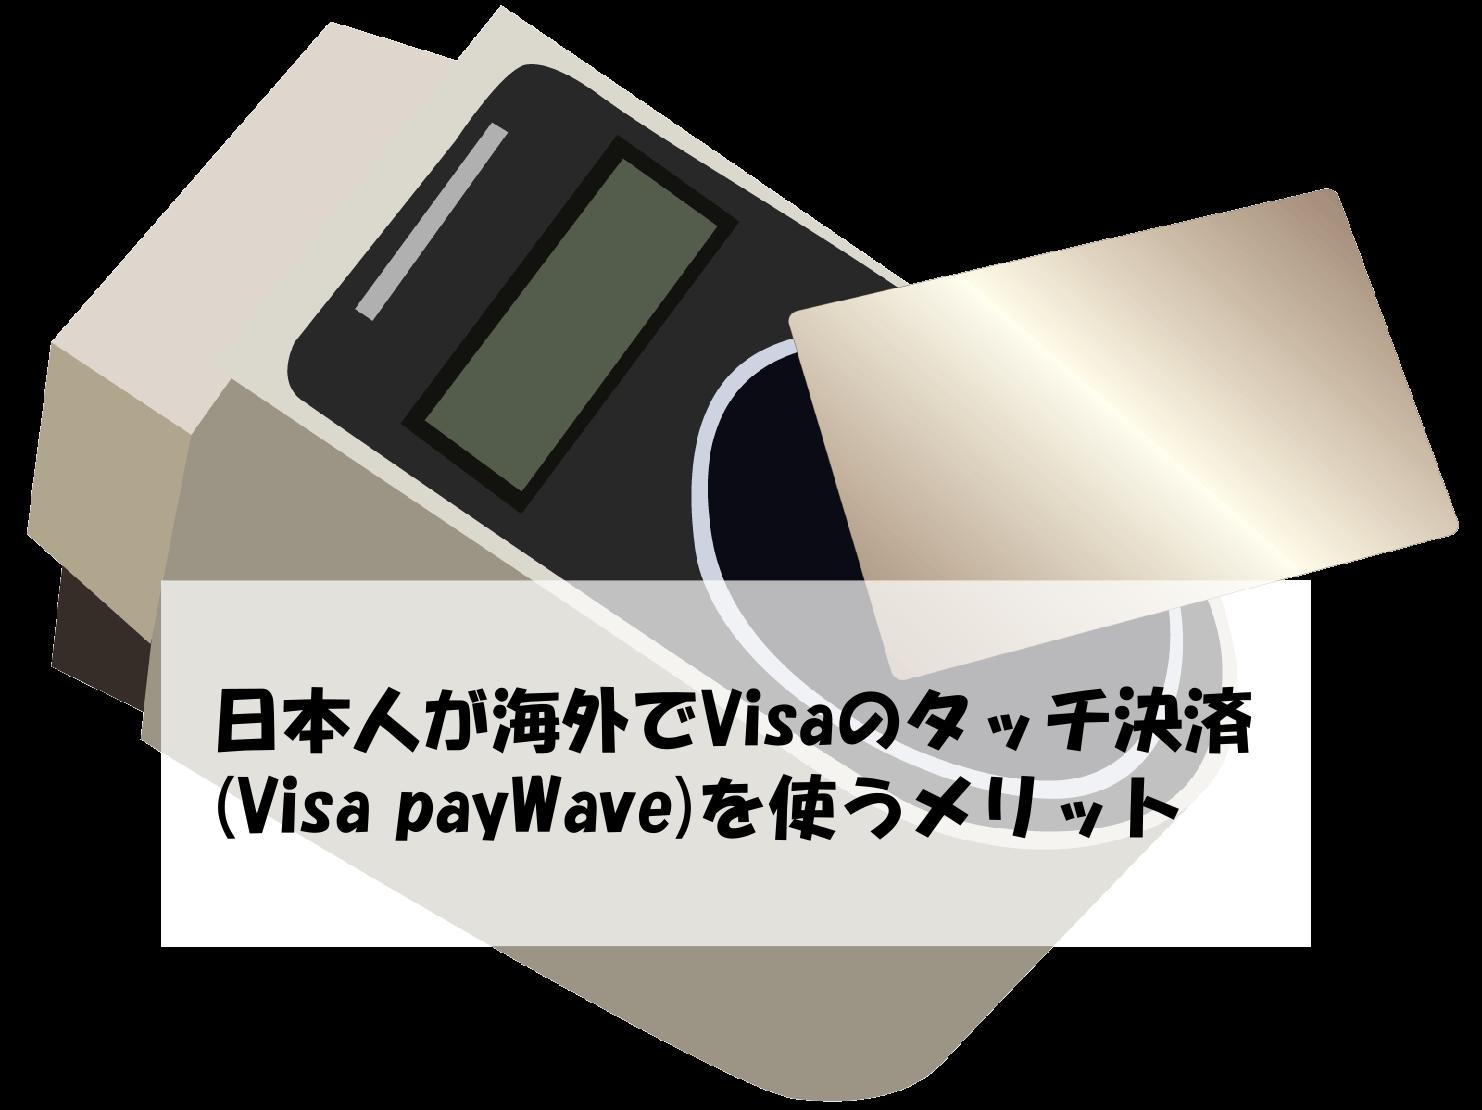 コンビニ 決済 Visa タッチ